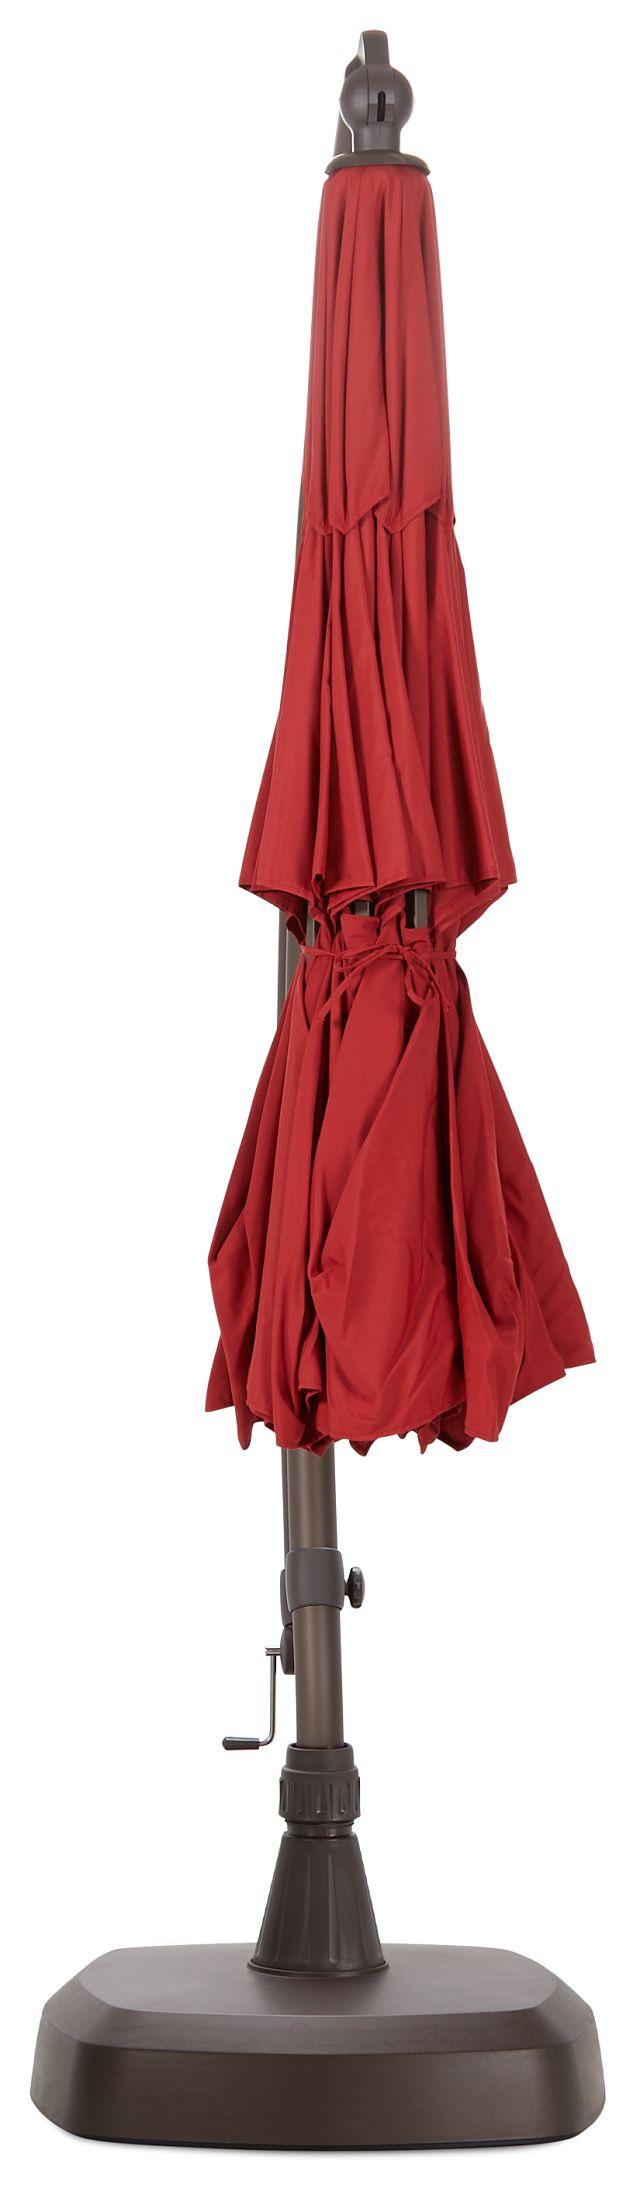 Cayman Red Cantilever Umbrella Set (0)